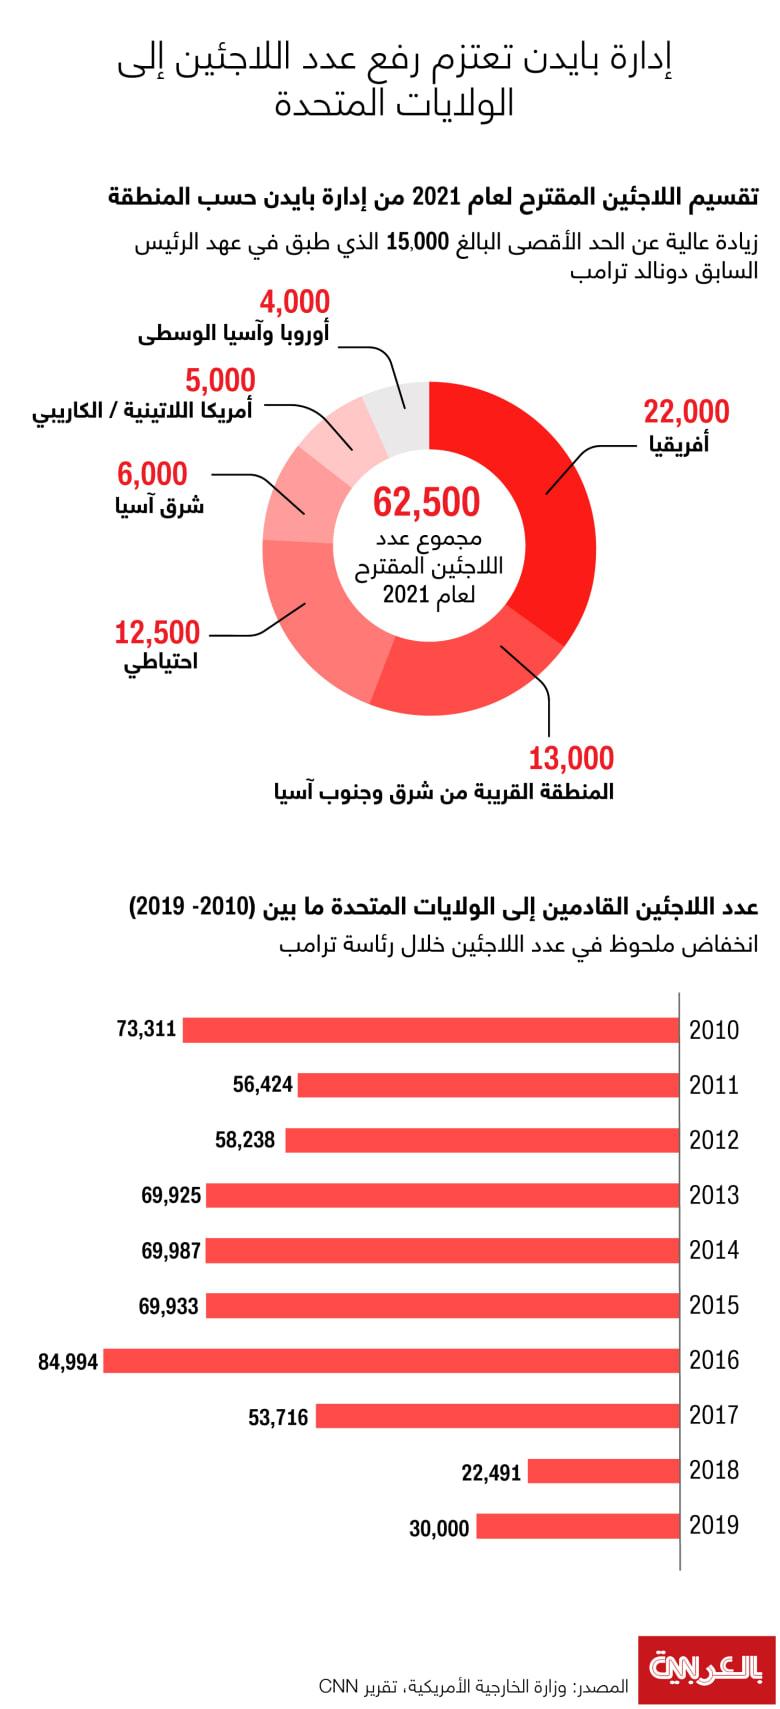 biden-refugee-cap-2021